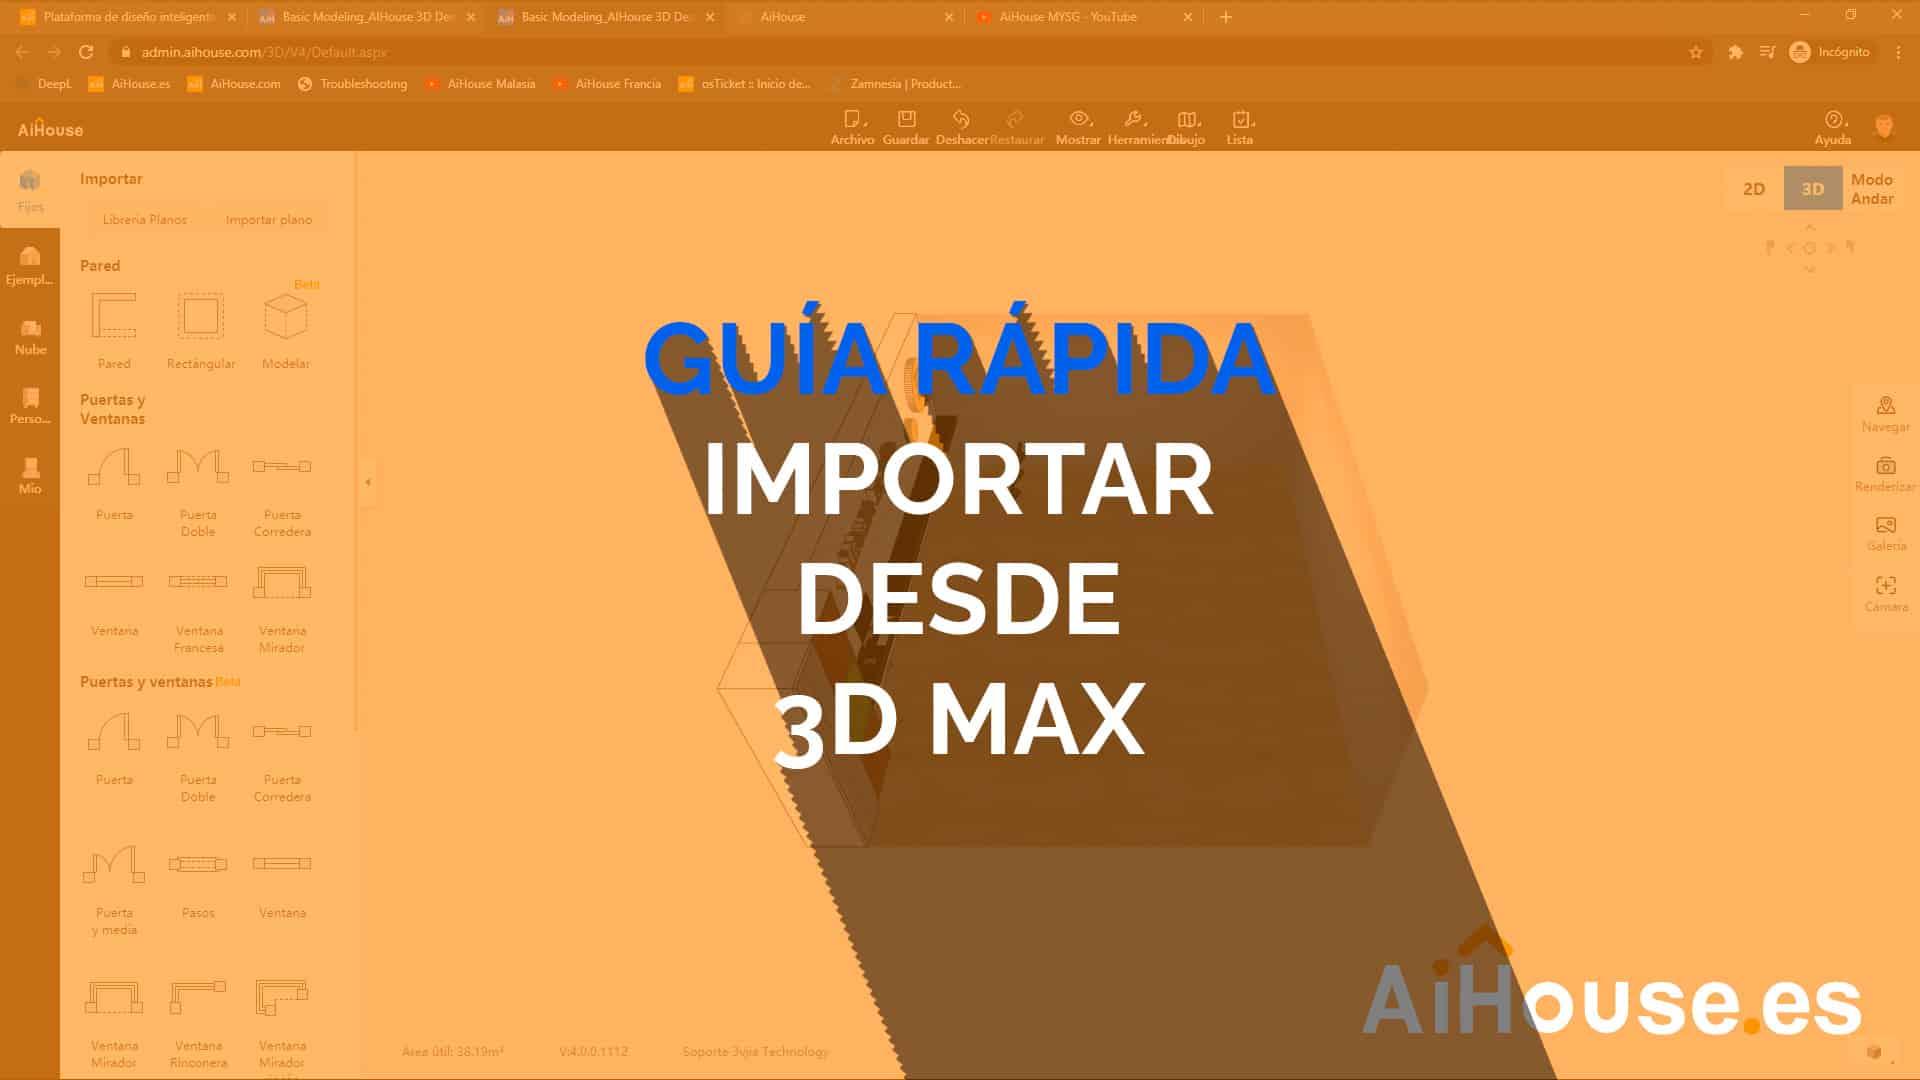 Guía Rápida - Importar desde 3DMax